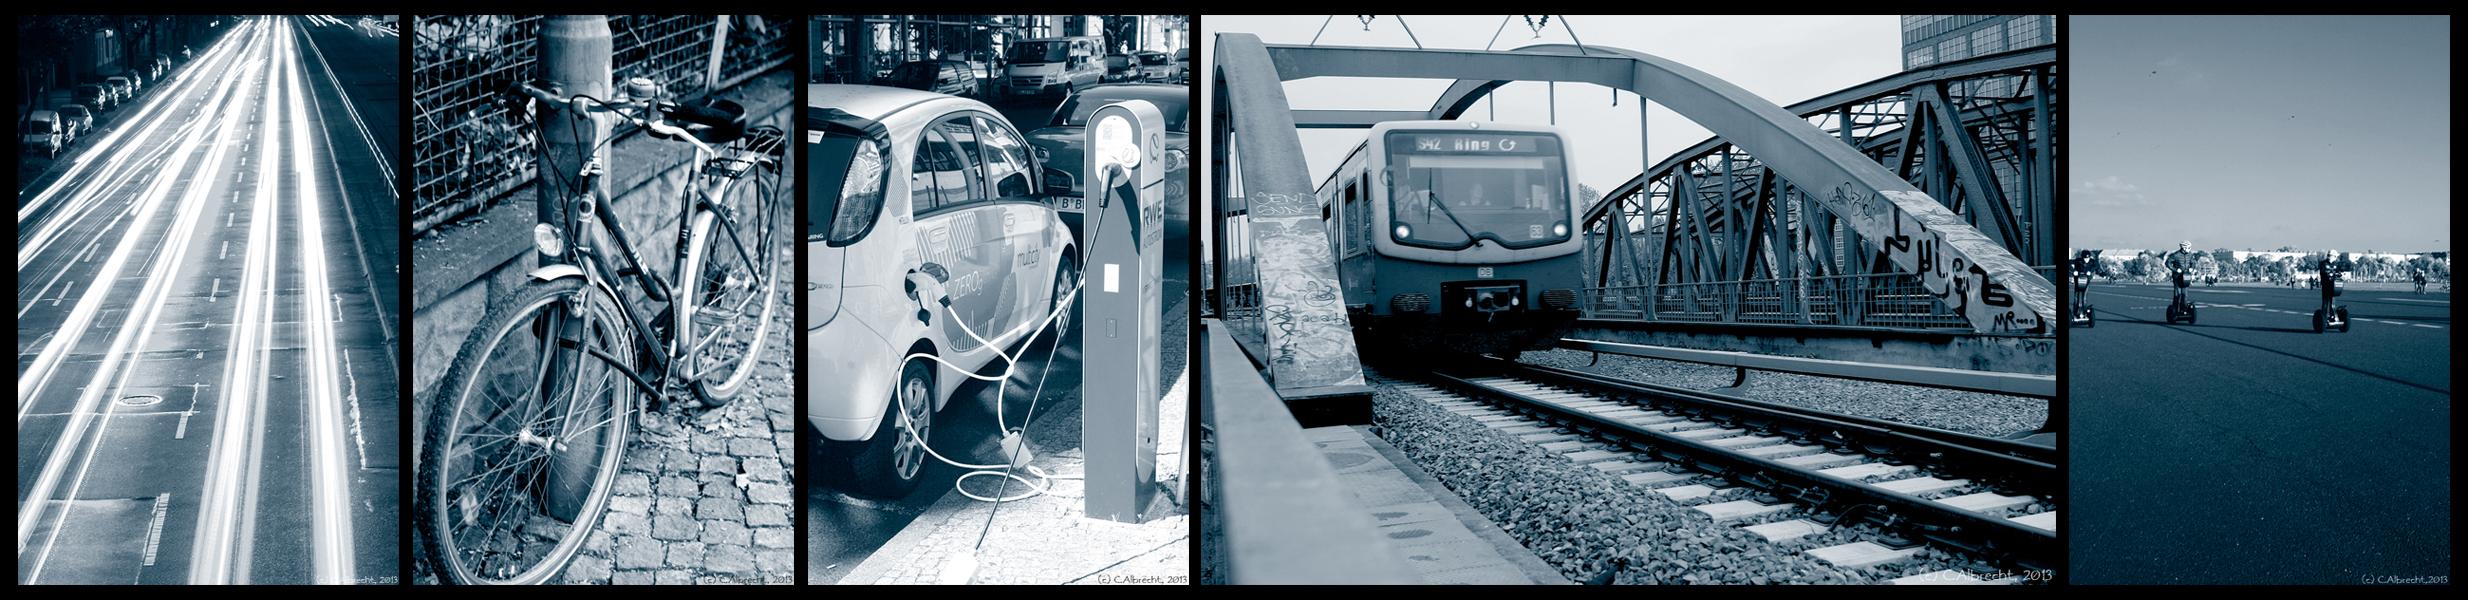 Impressionen urbaner Mobilität